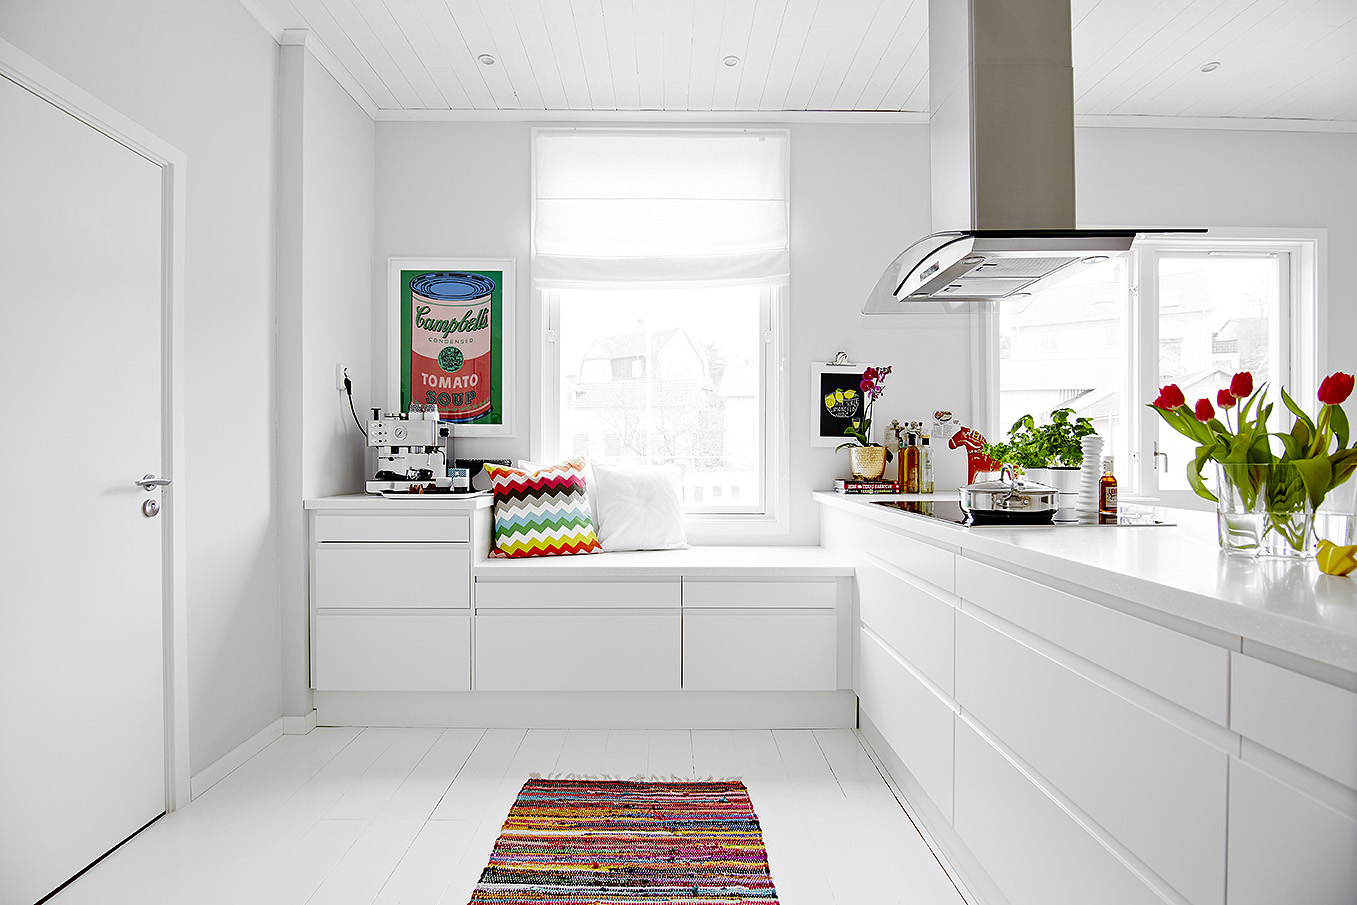 La cocina es lo importante blog decoraci n estilo - Cocinas blancas ikea ...